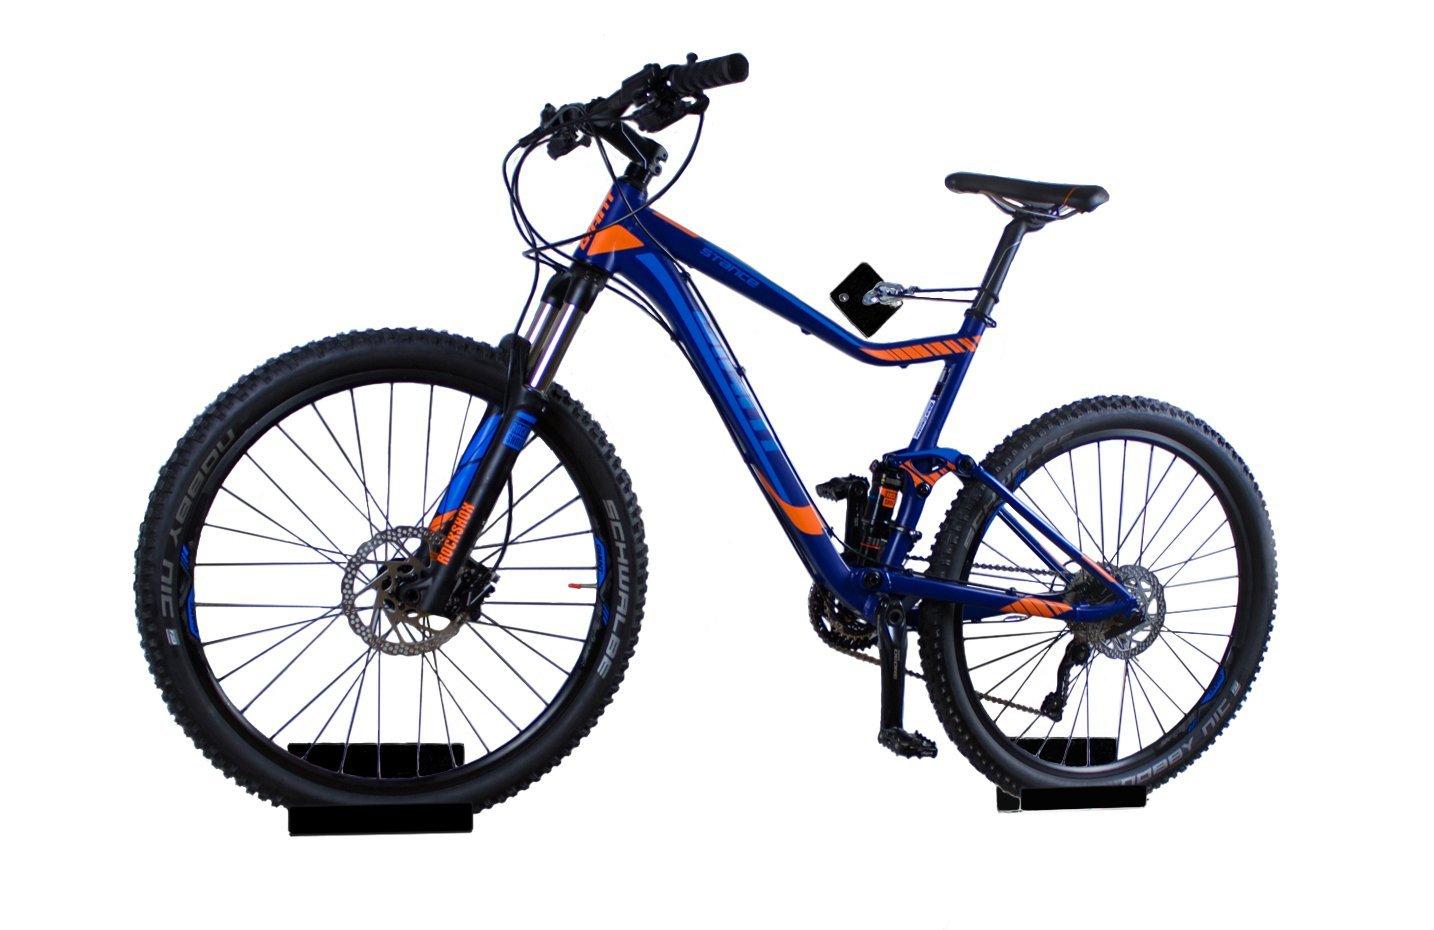 trelixx Soporte de Pared para Bicicleta acrílico Negro (Acabado láser) para Bicicleta de montaña/de Carreras, Soporte de diseño para Bicicleta con Montaje en la Pared Lixx AR BL